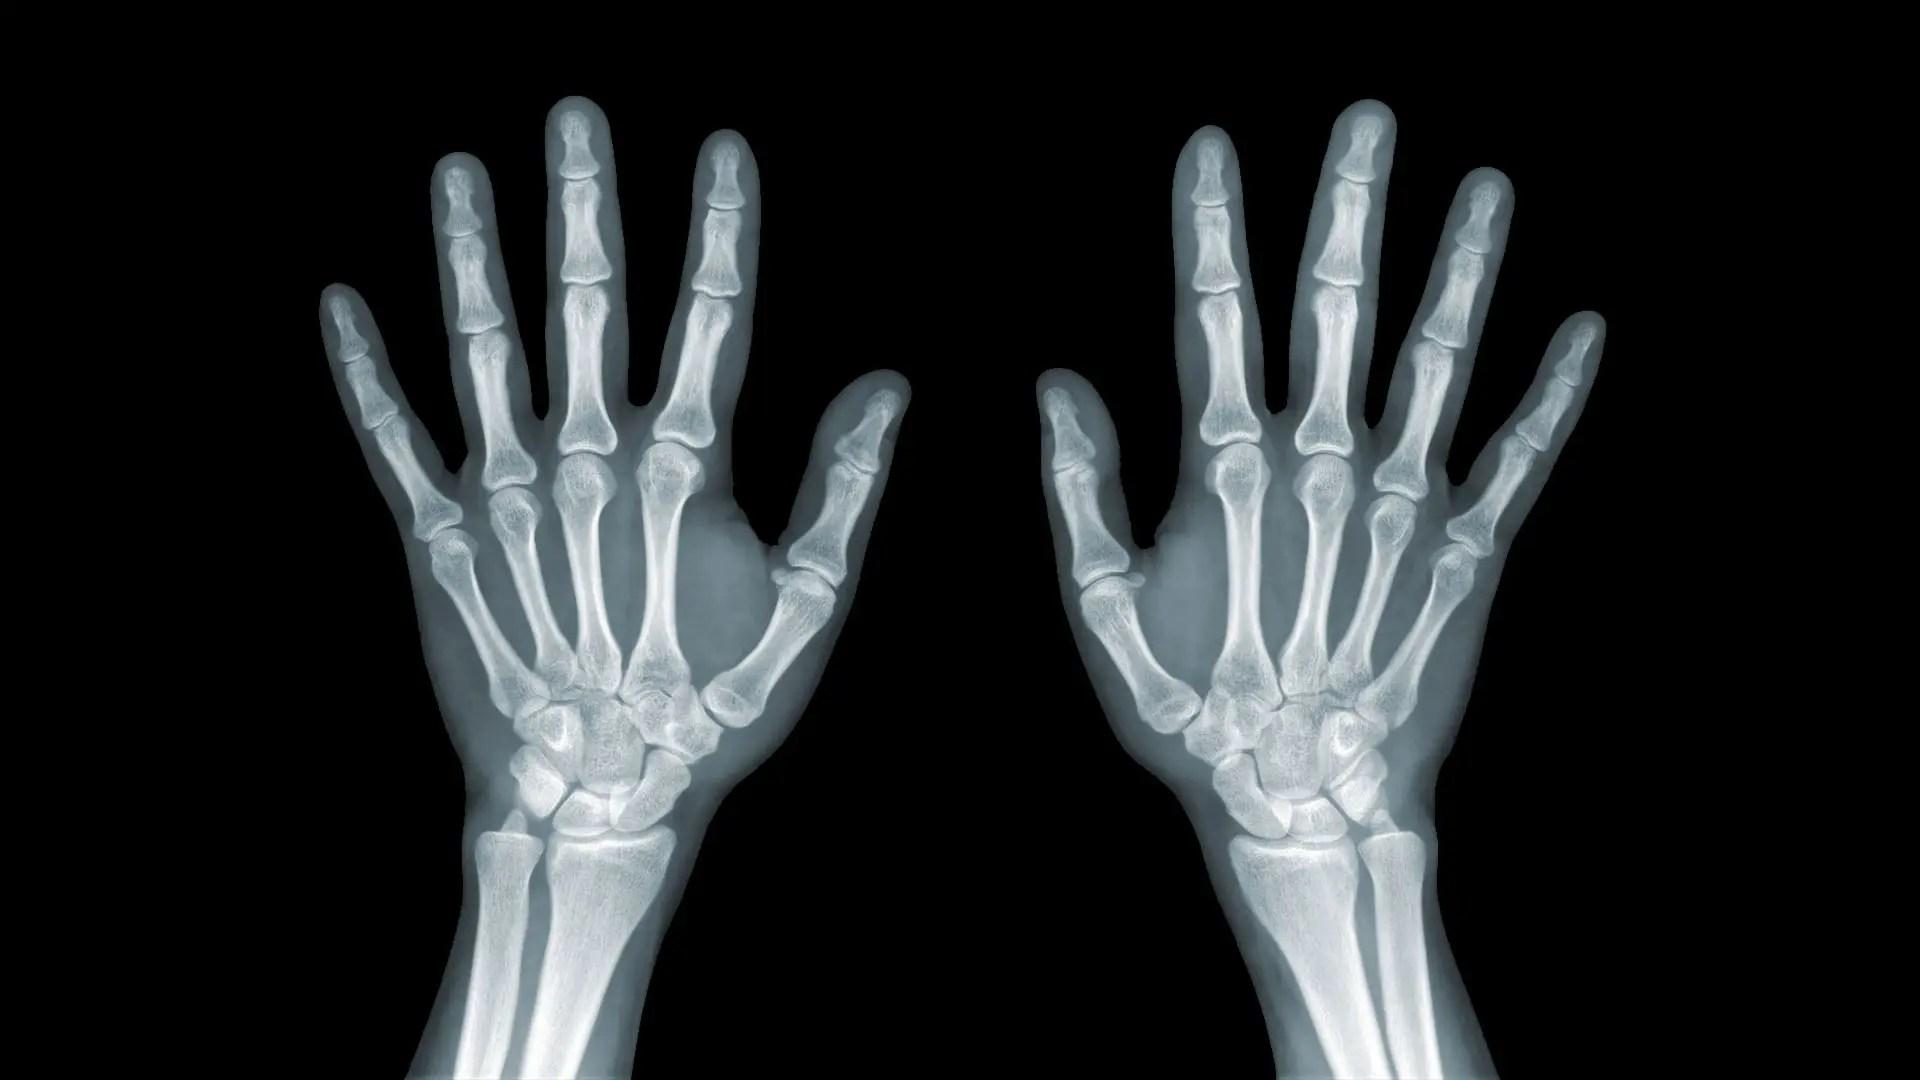 kerülje az ütközéssel járó ízületi sérüléseket a térdízületi fájdalomra melyik orvos